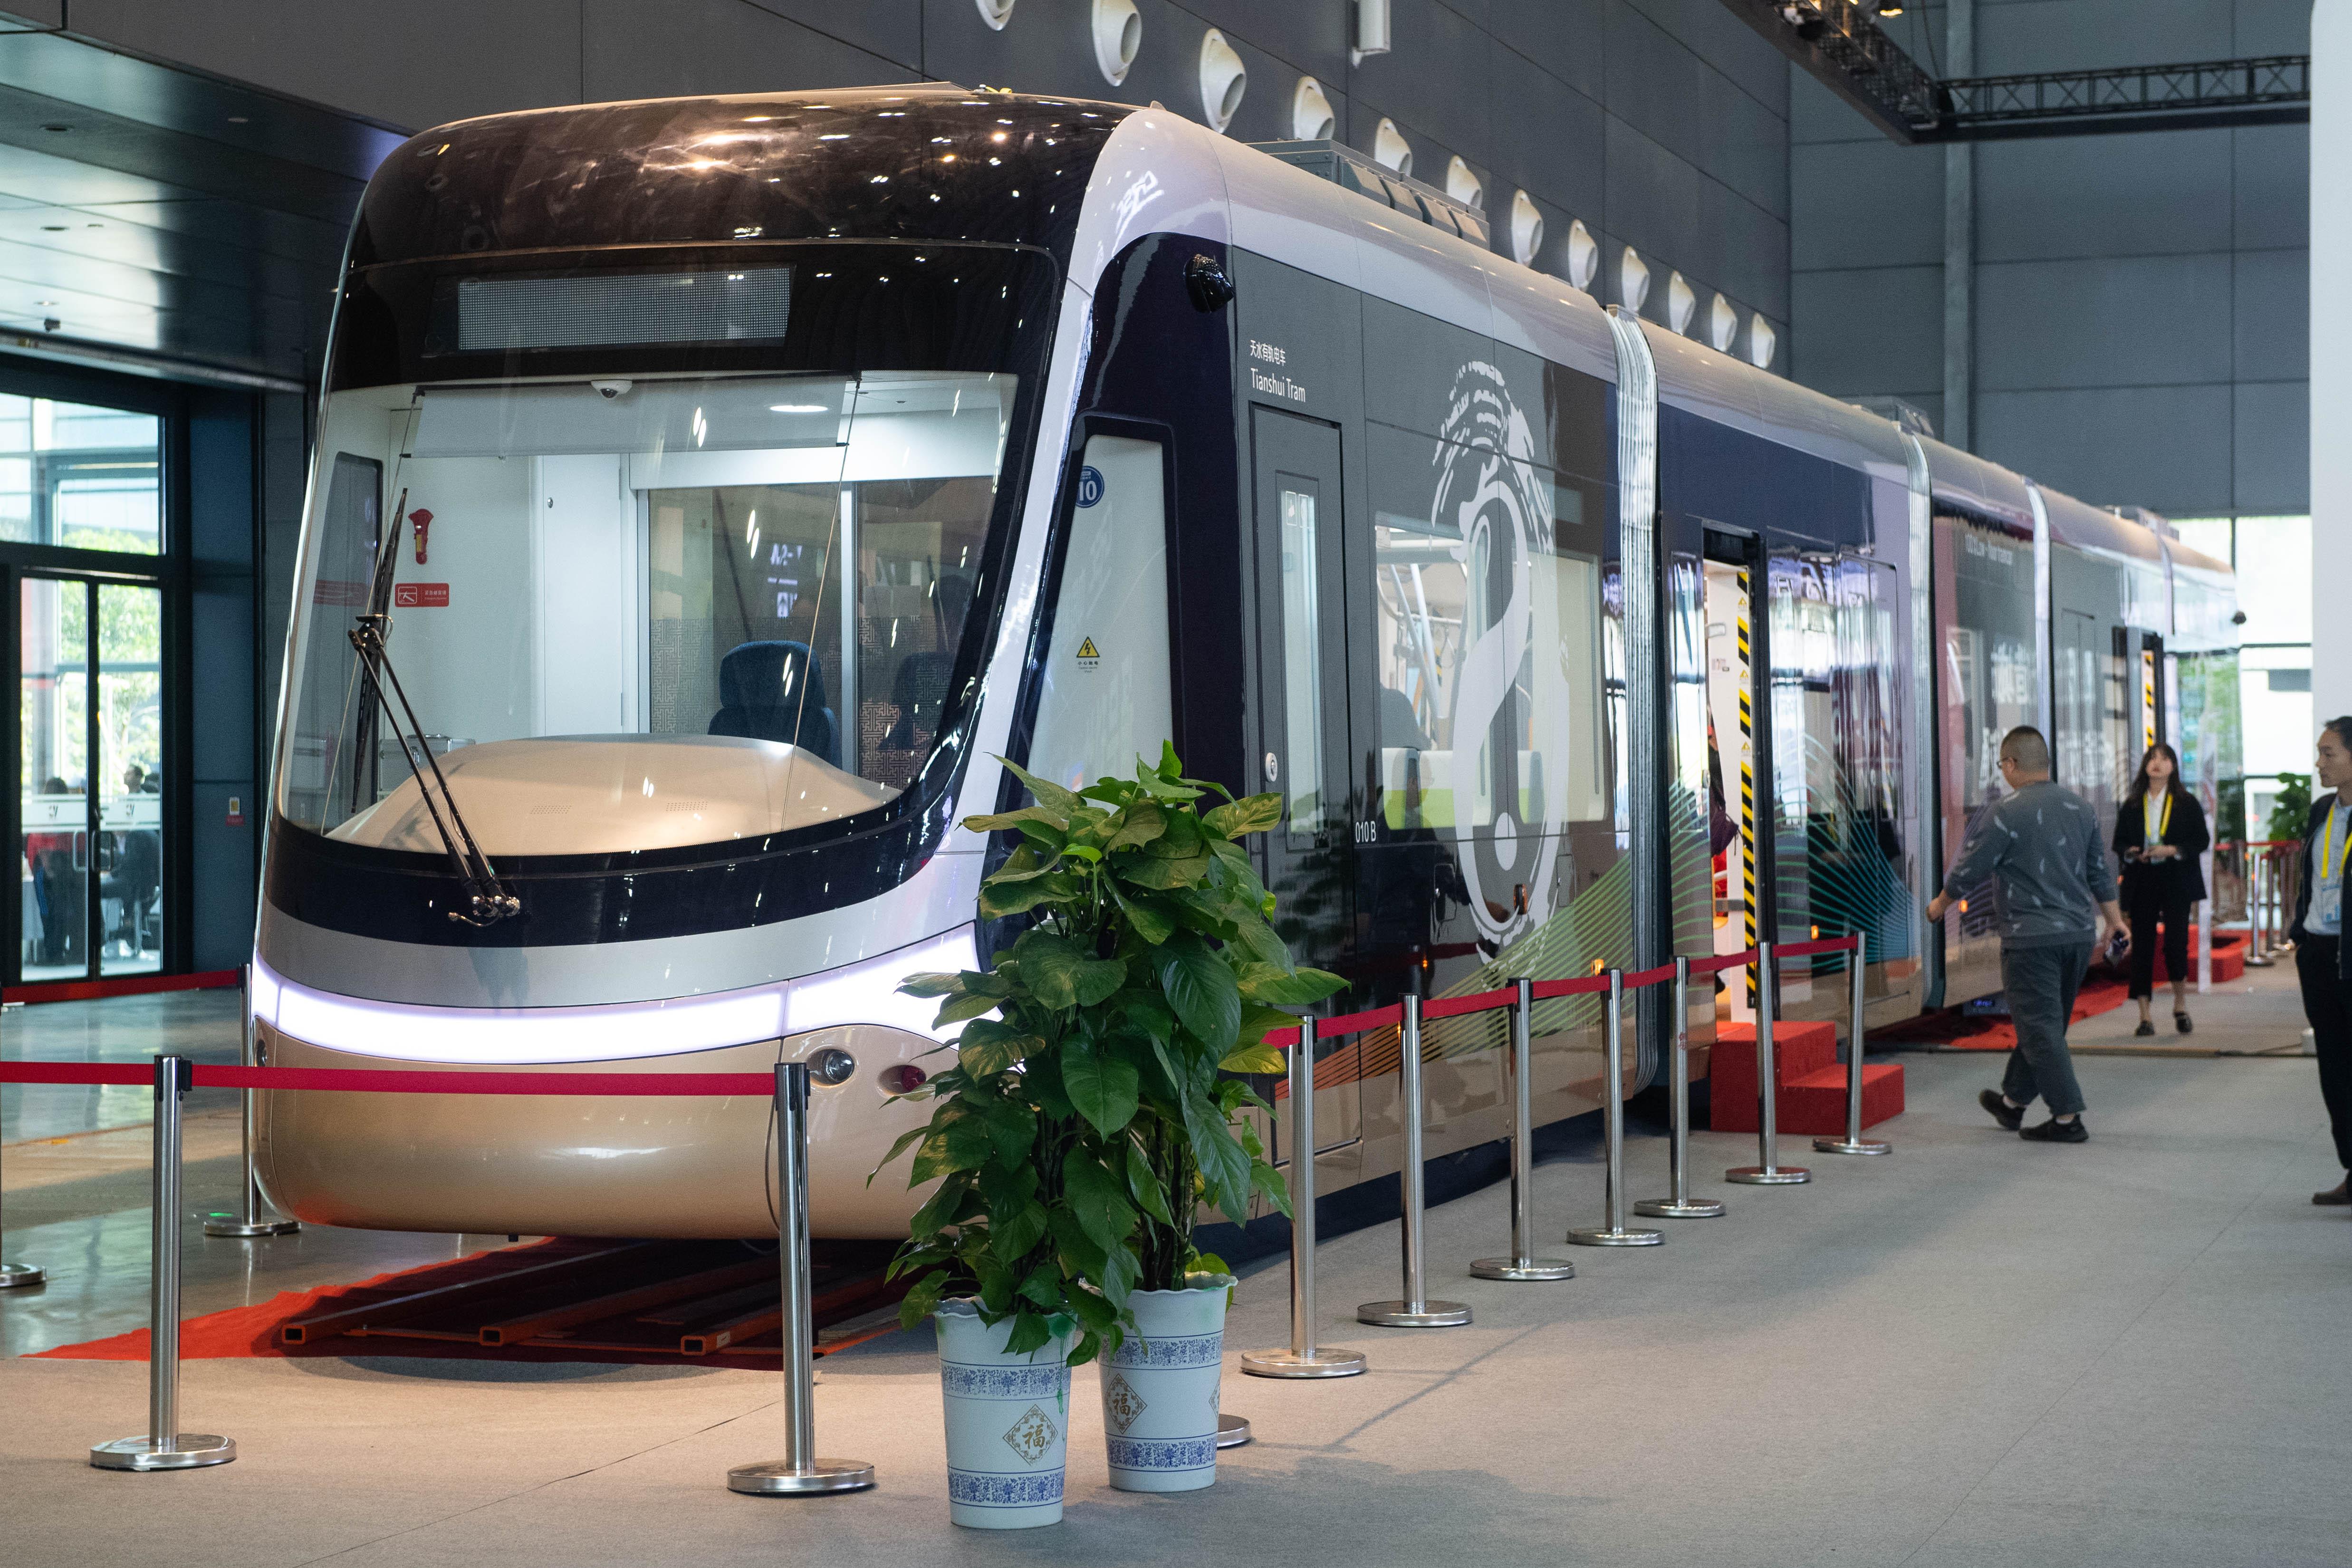 中国の軌道交通、スマートモビリティーの新たな段階へ